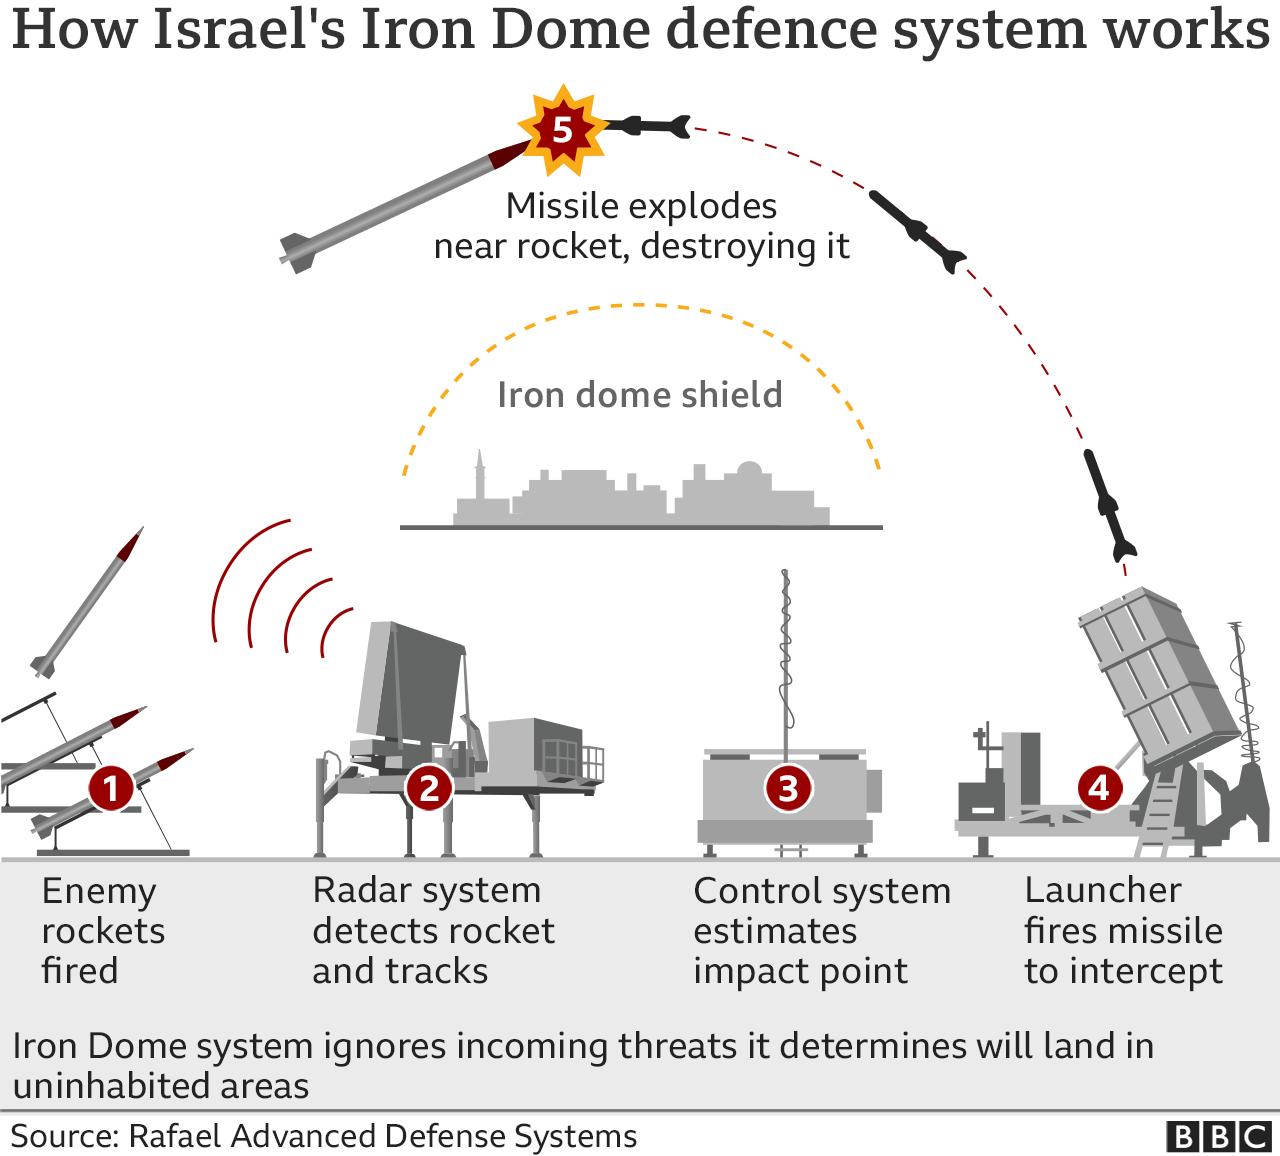 El gráfico muestra cómo funciona el sistema de defensa antimisiles israelí.